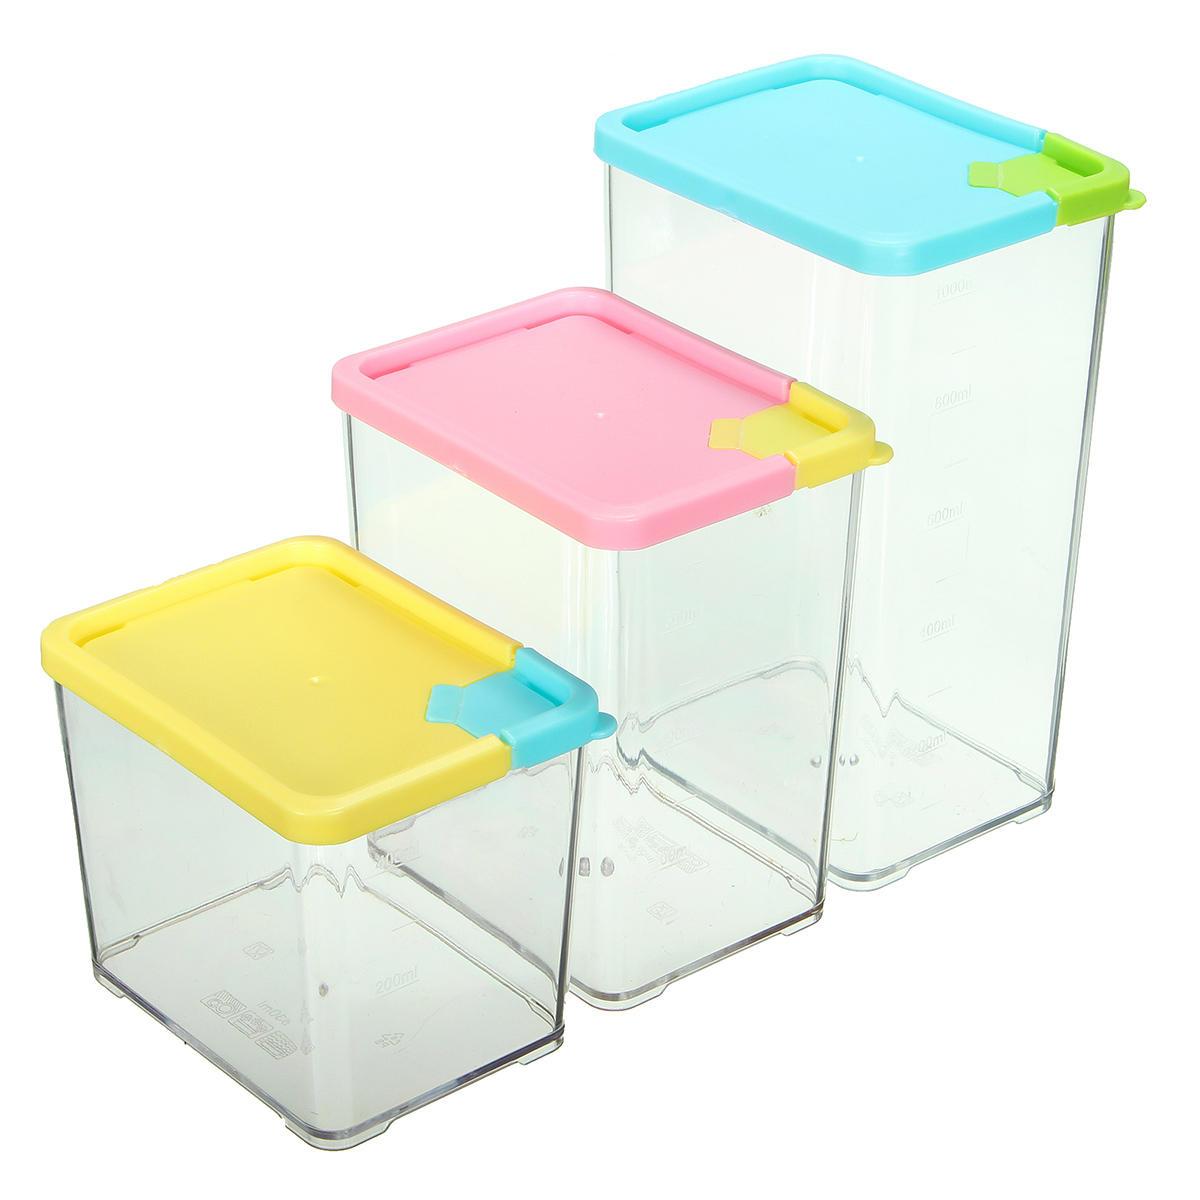 Full Size of Aufbewahrungsbehälter Küche Ikea Aufbewahrungsbehälter Küchenutensilien Aufbewahrungsbehälter Für Küche Aufbewahrungsbehälter Küche Metall Küche Aufbewahrungsbehälter Küche